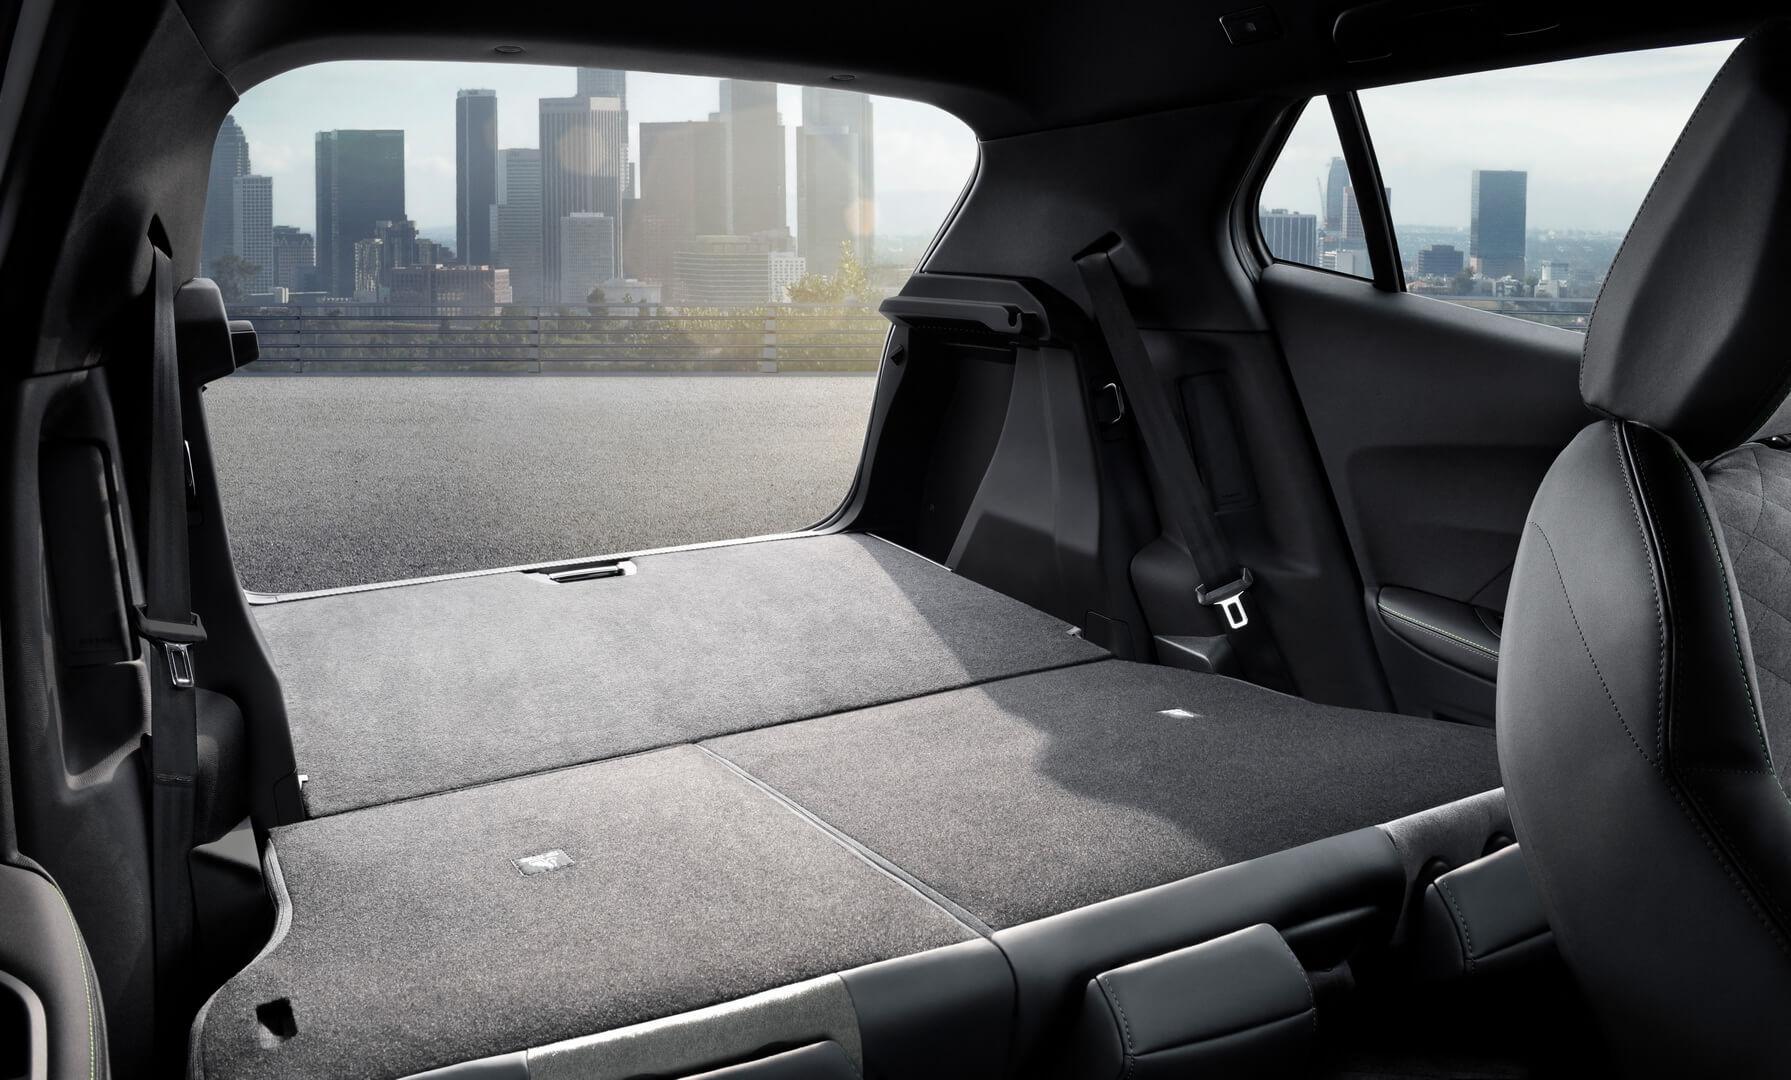 Складывающийся задний ряд сидений электромобиля Peugeot e-2008